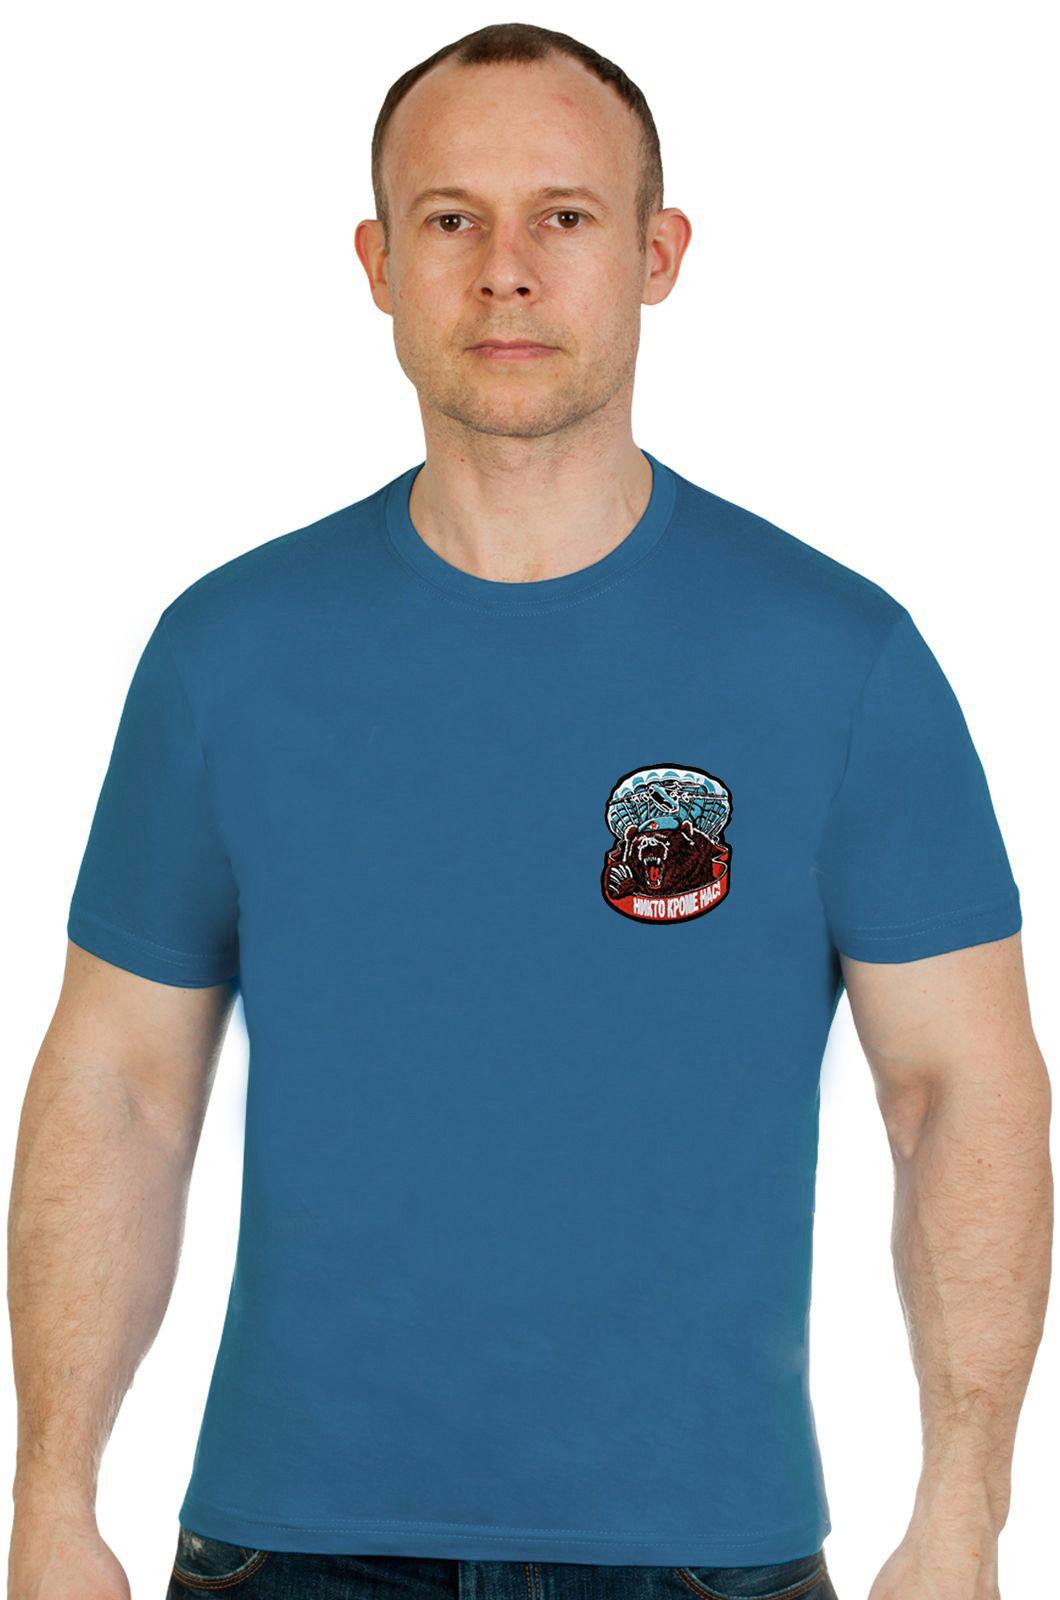 Купить стильную сине-зеленую футболку с вышивкой НИКТО КРОМЕ НАС в подарок выгодно